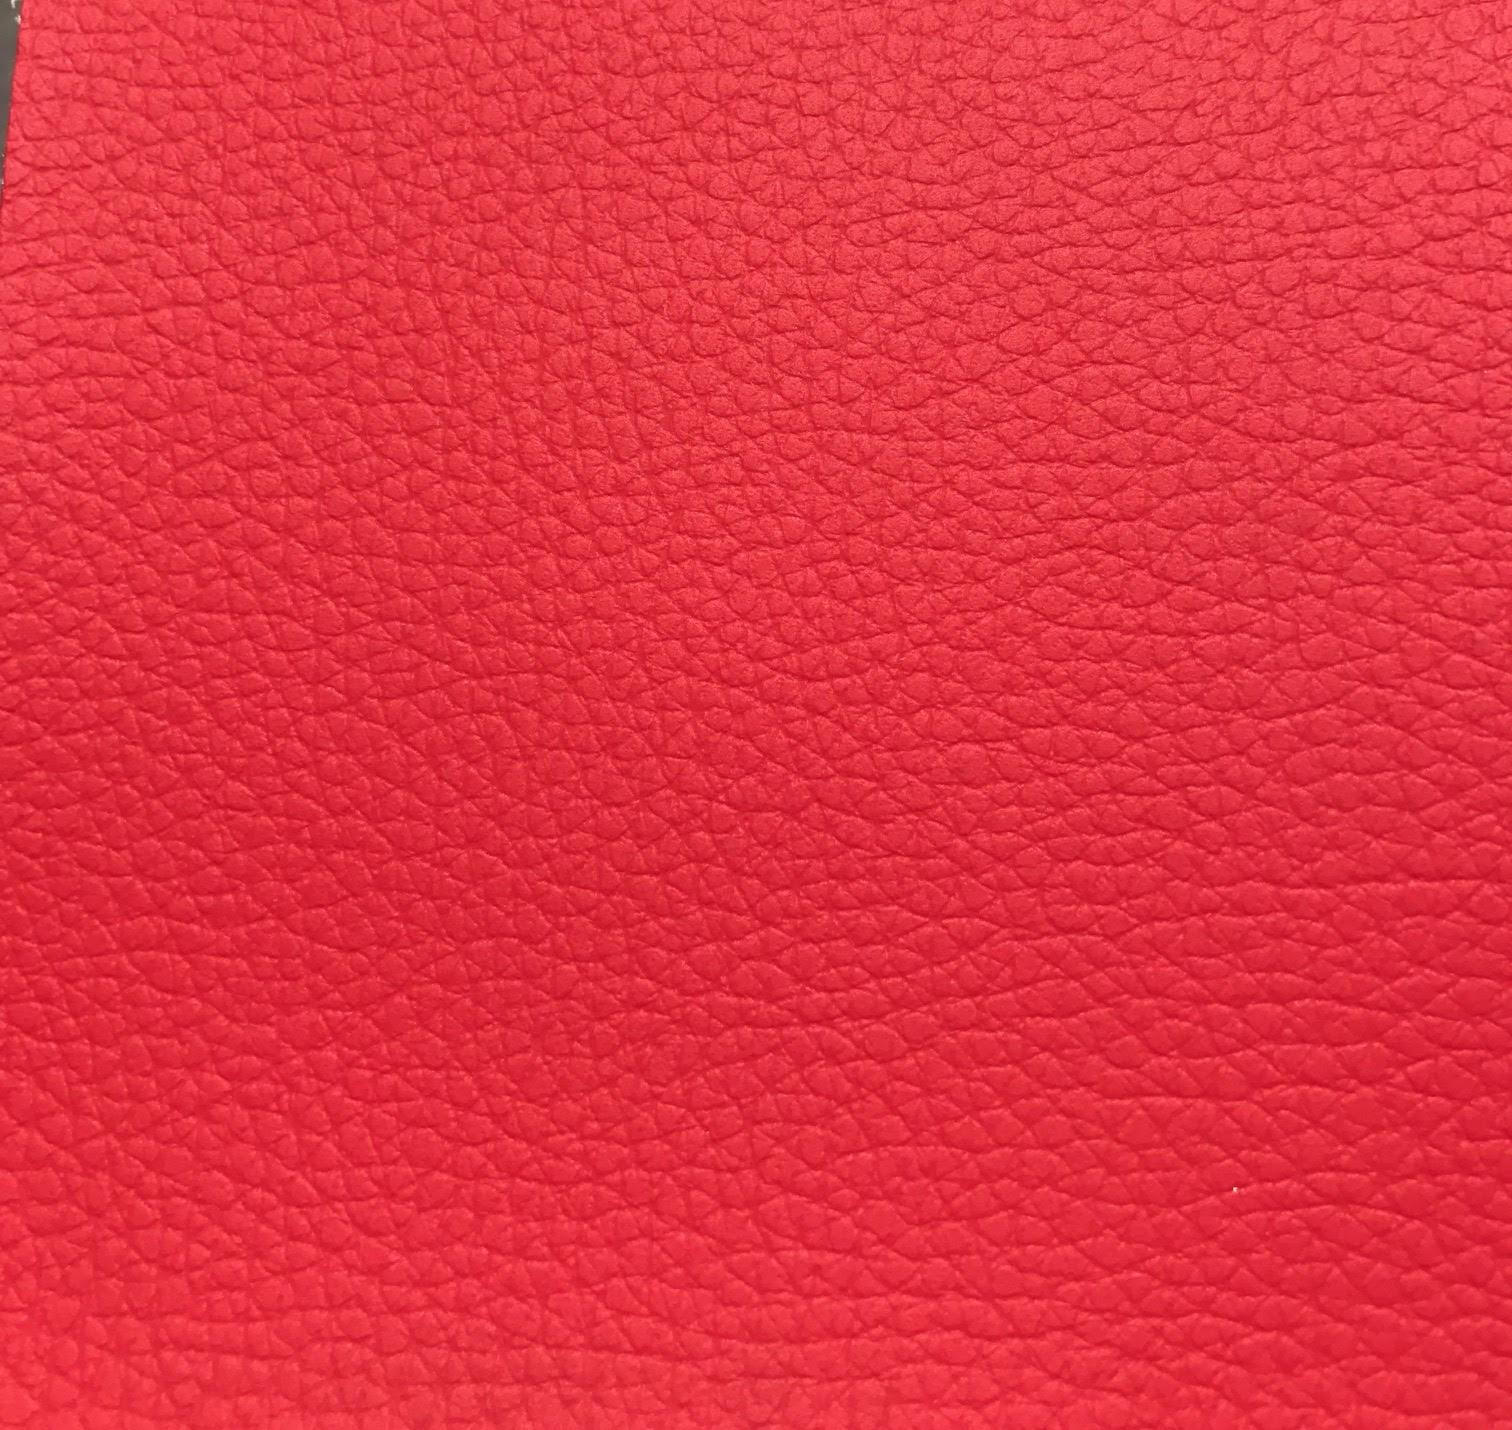 Acuario Rojo